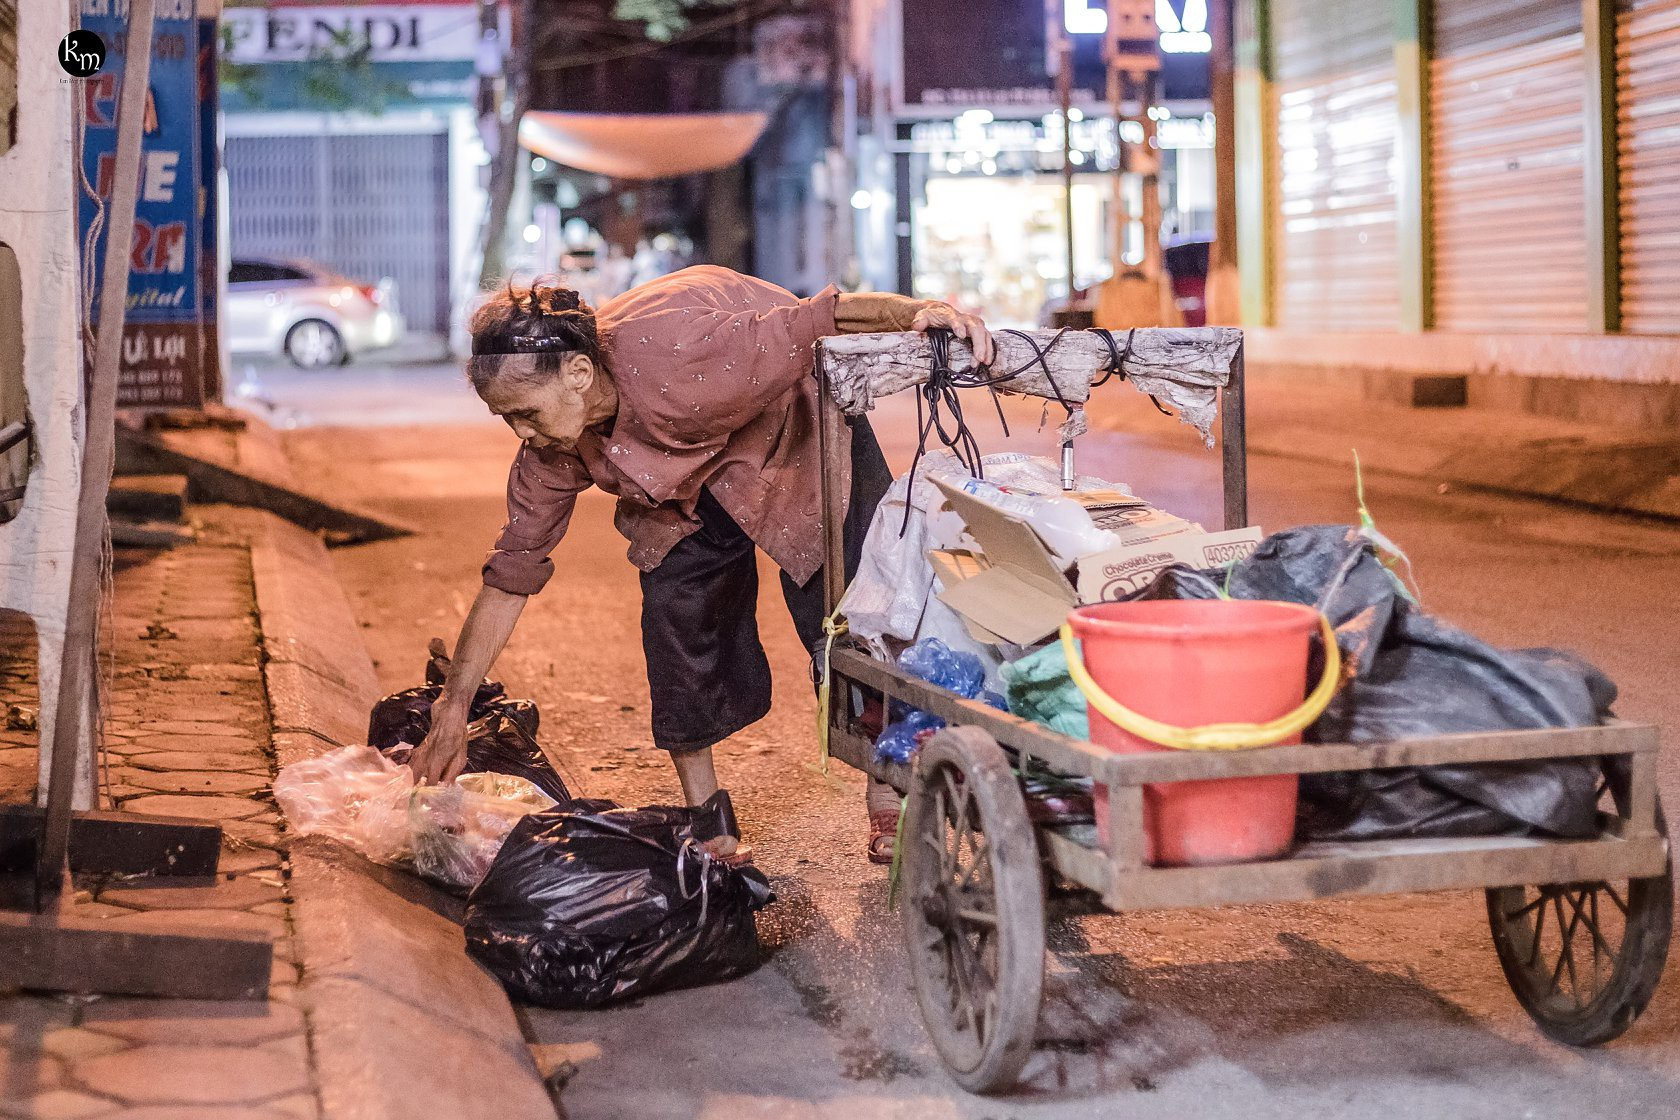 Cụ già 83 tuổi nhưng hàng ngày vẫn phải còng lưng nhặt rác để nuôi 2 cháu ăn học.2